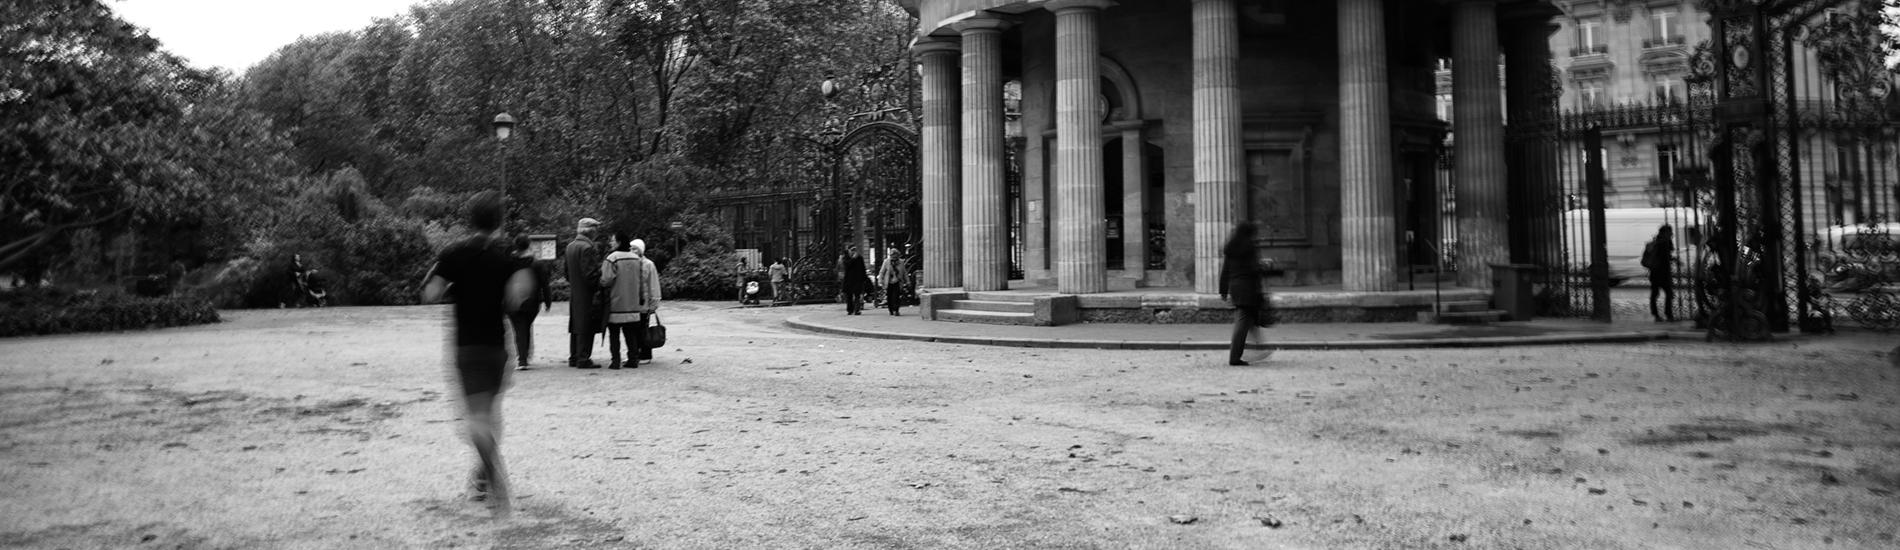 Moiroux Avocats Parc Monceau 3